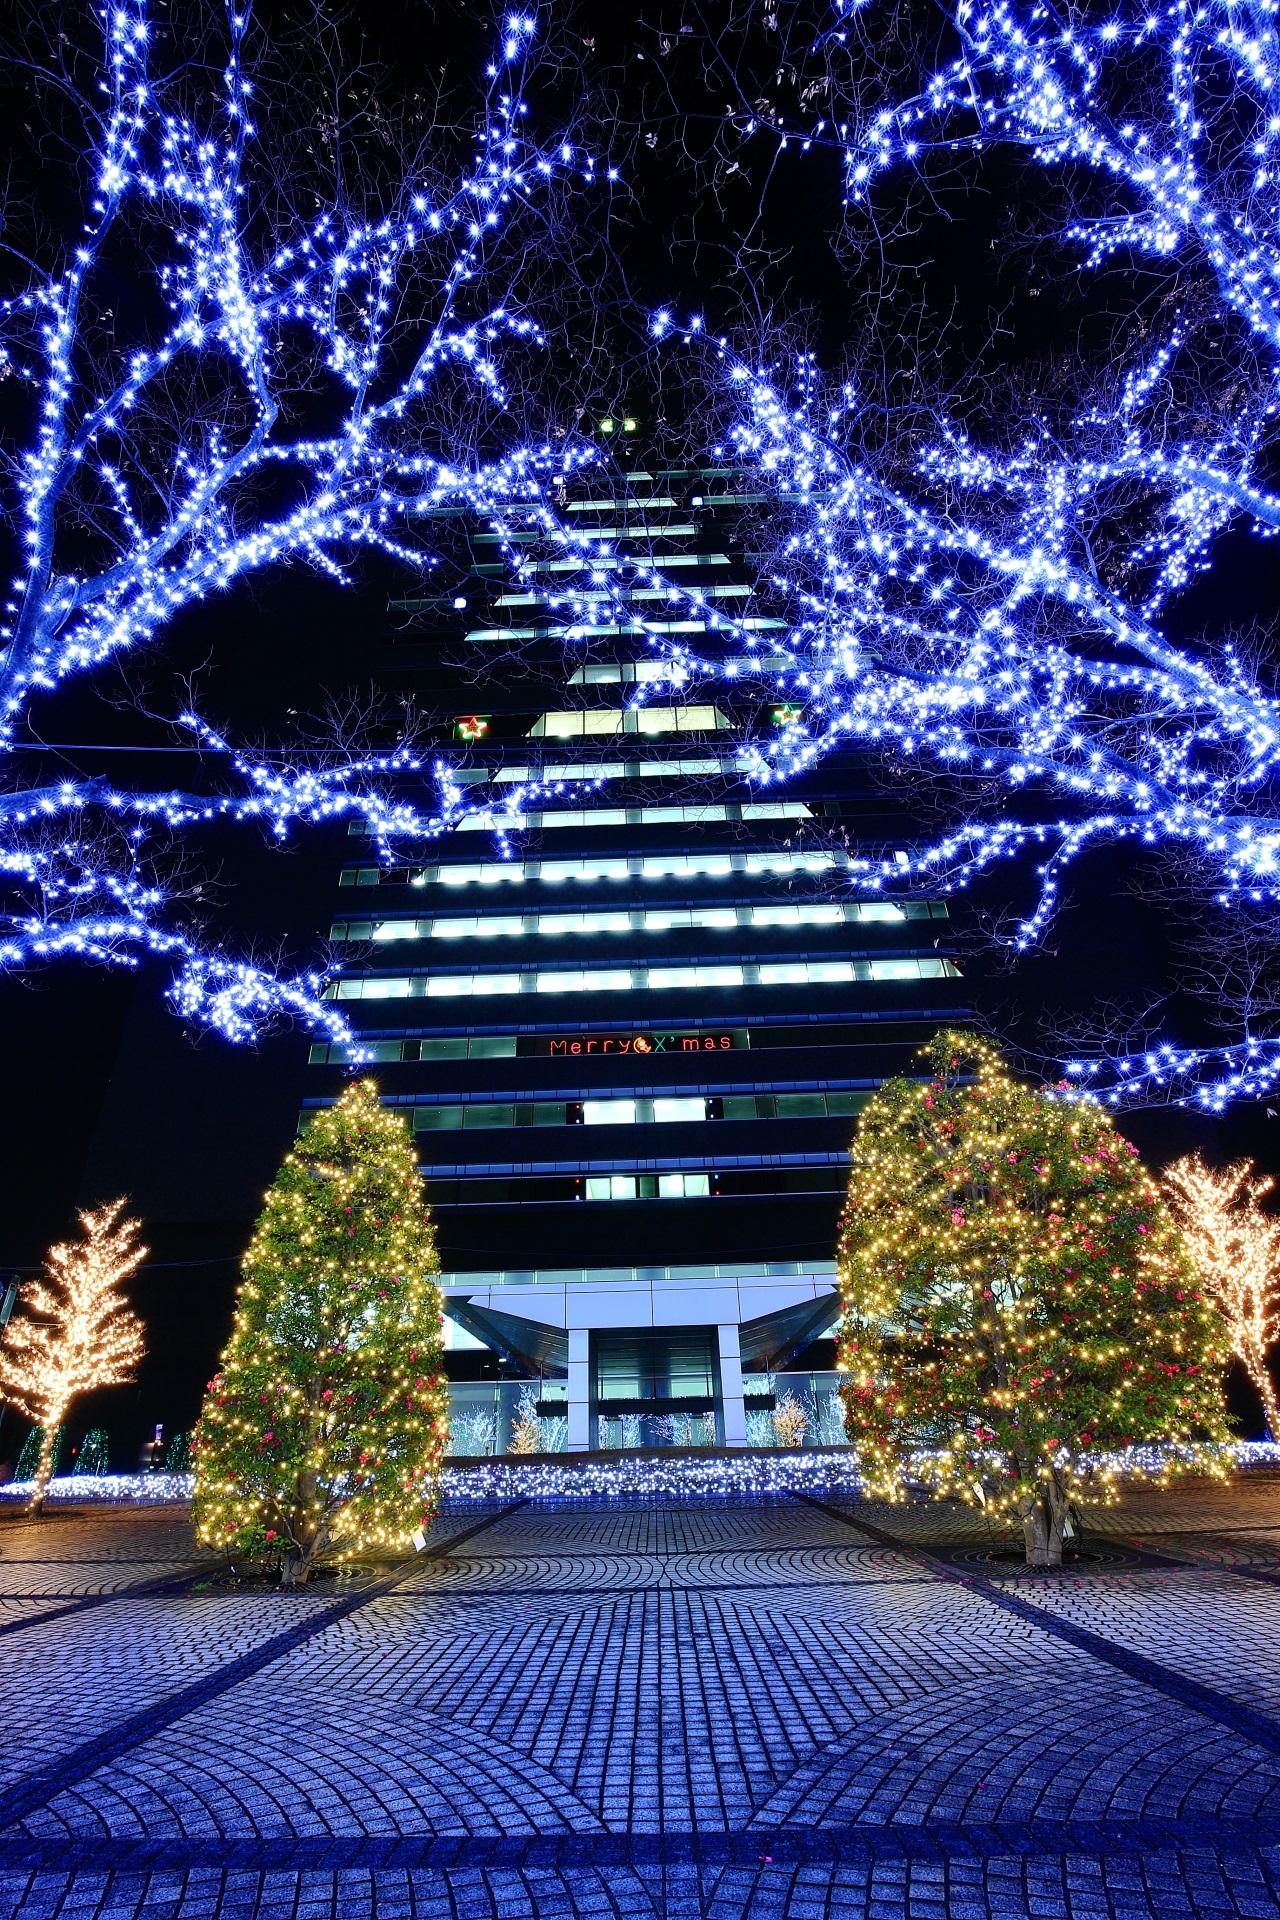 20階建の本社ビルの照明を使ったクリスマスツリー